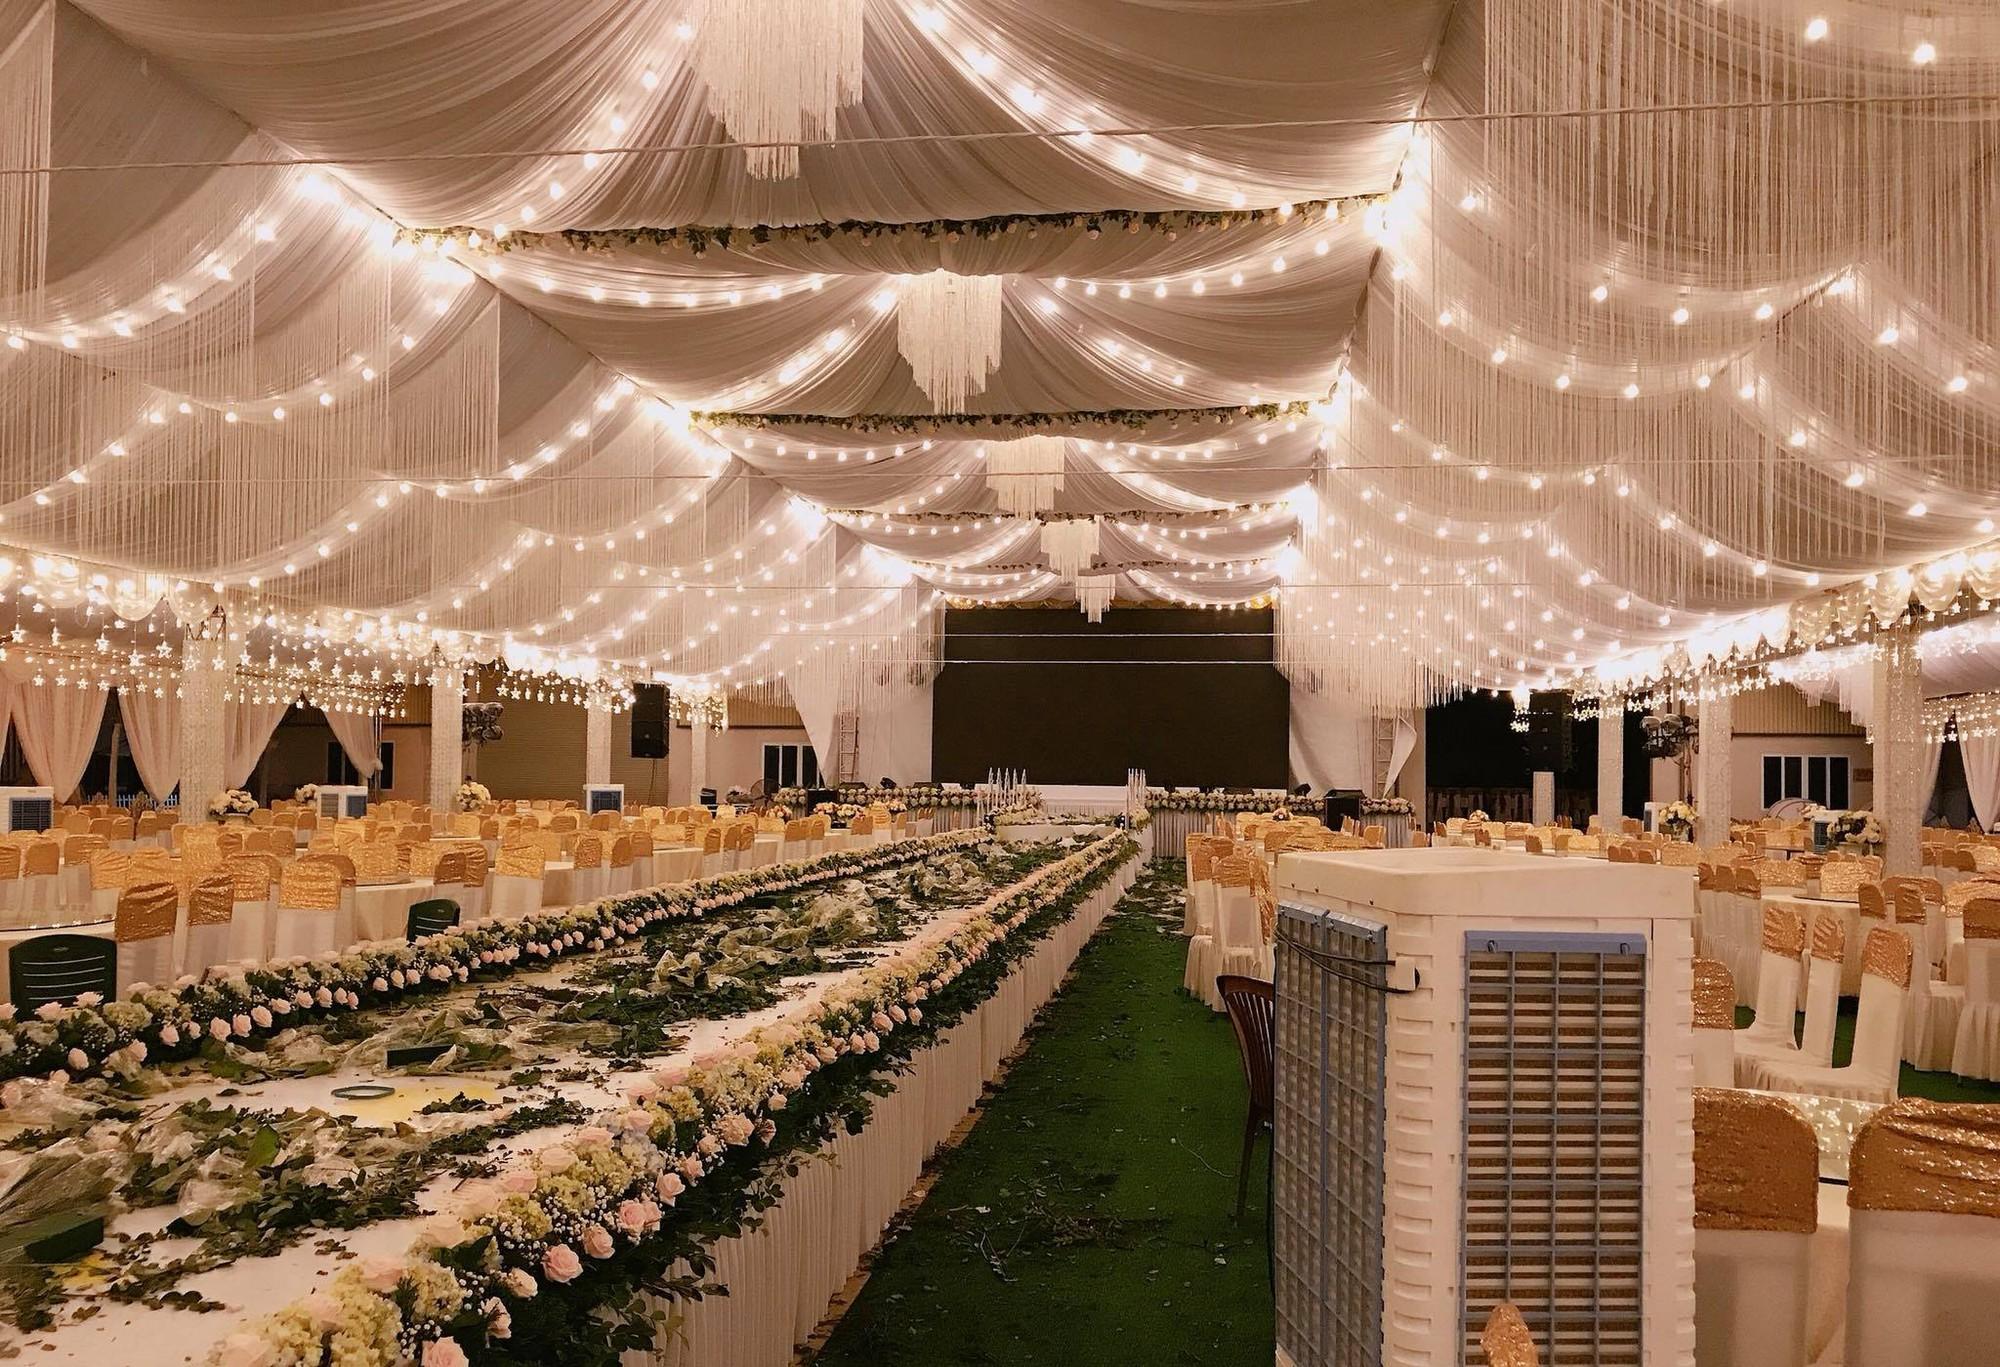 Cô dâu chú rể rạng rỡ trong đám cưới khủng, chi gần 1 tỷ đồng dựng rạp và mời cả ca sĩ Ngọc Sơn về biểu diễn - Ảnh 7.